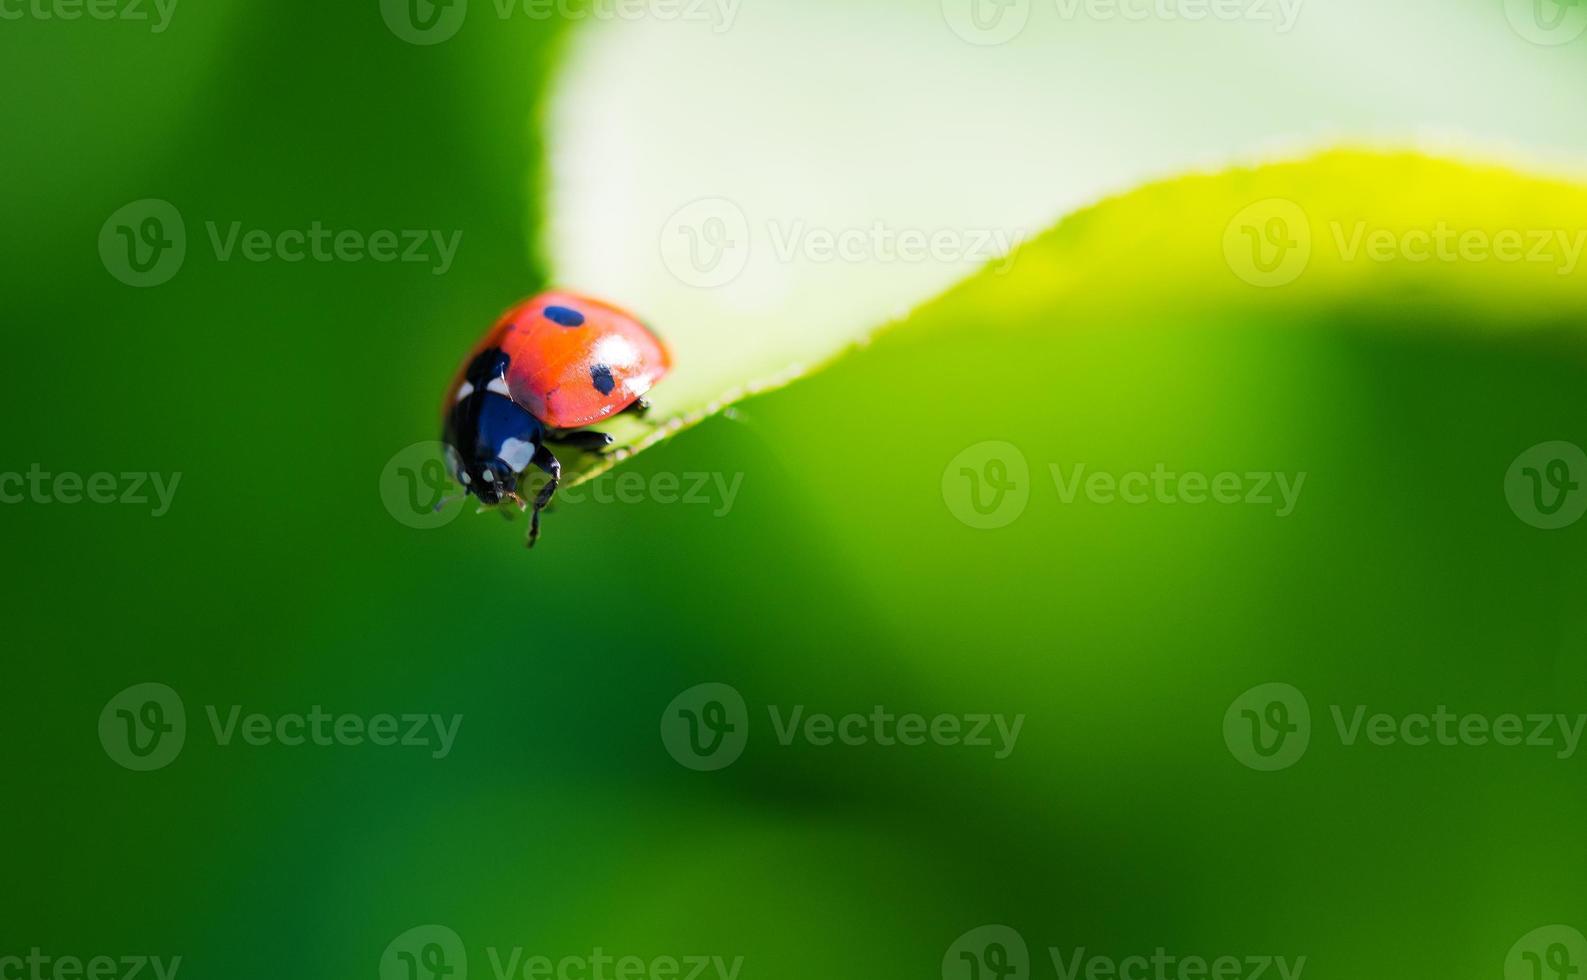 lieveheersbeestje op een blad. foto